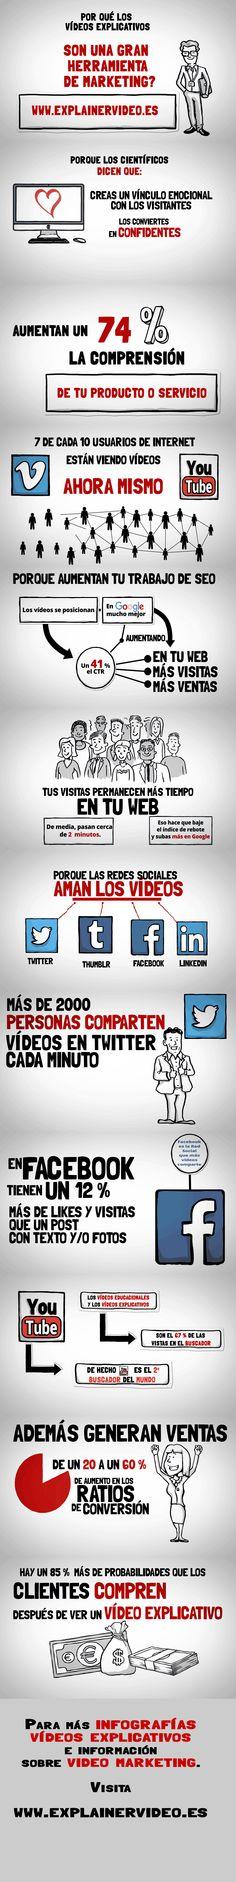 #Infografias #InfografiasMarketing #ExplainerVideos #VideosExplicativos Herramientas de Marketing, videos explicativos